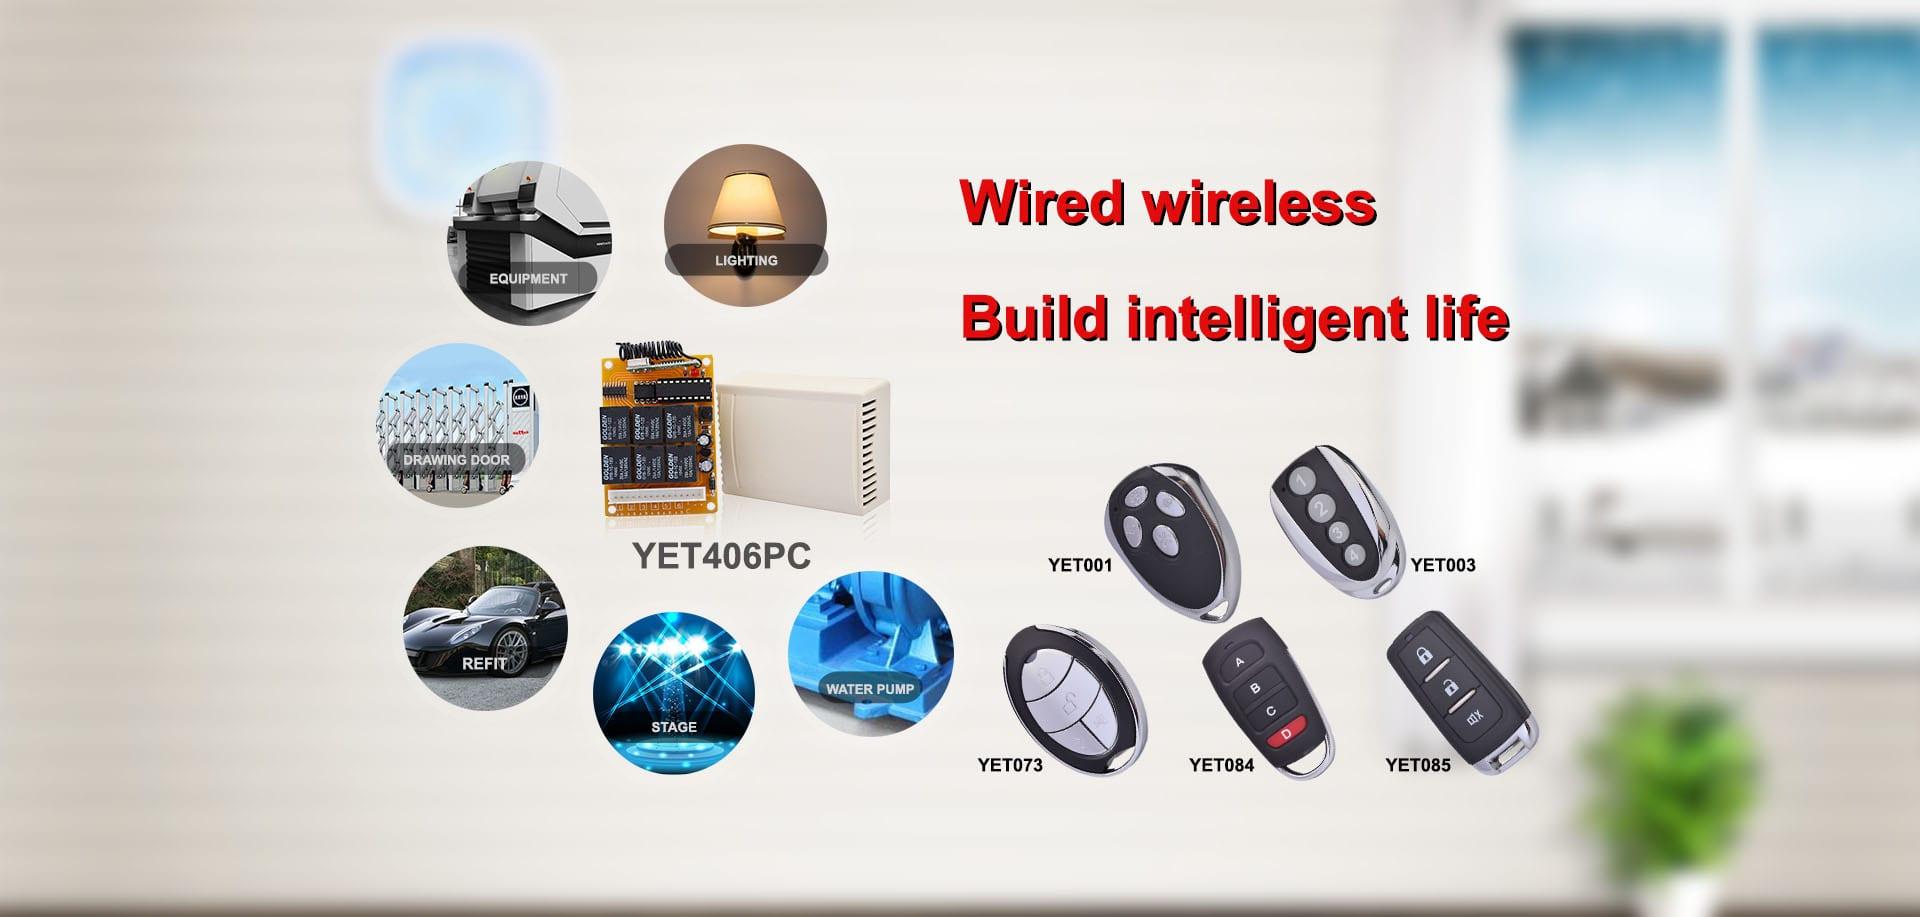 无线遥控器批发,深圳遥尔泰专业生产智能家居产品十几年